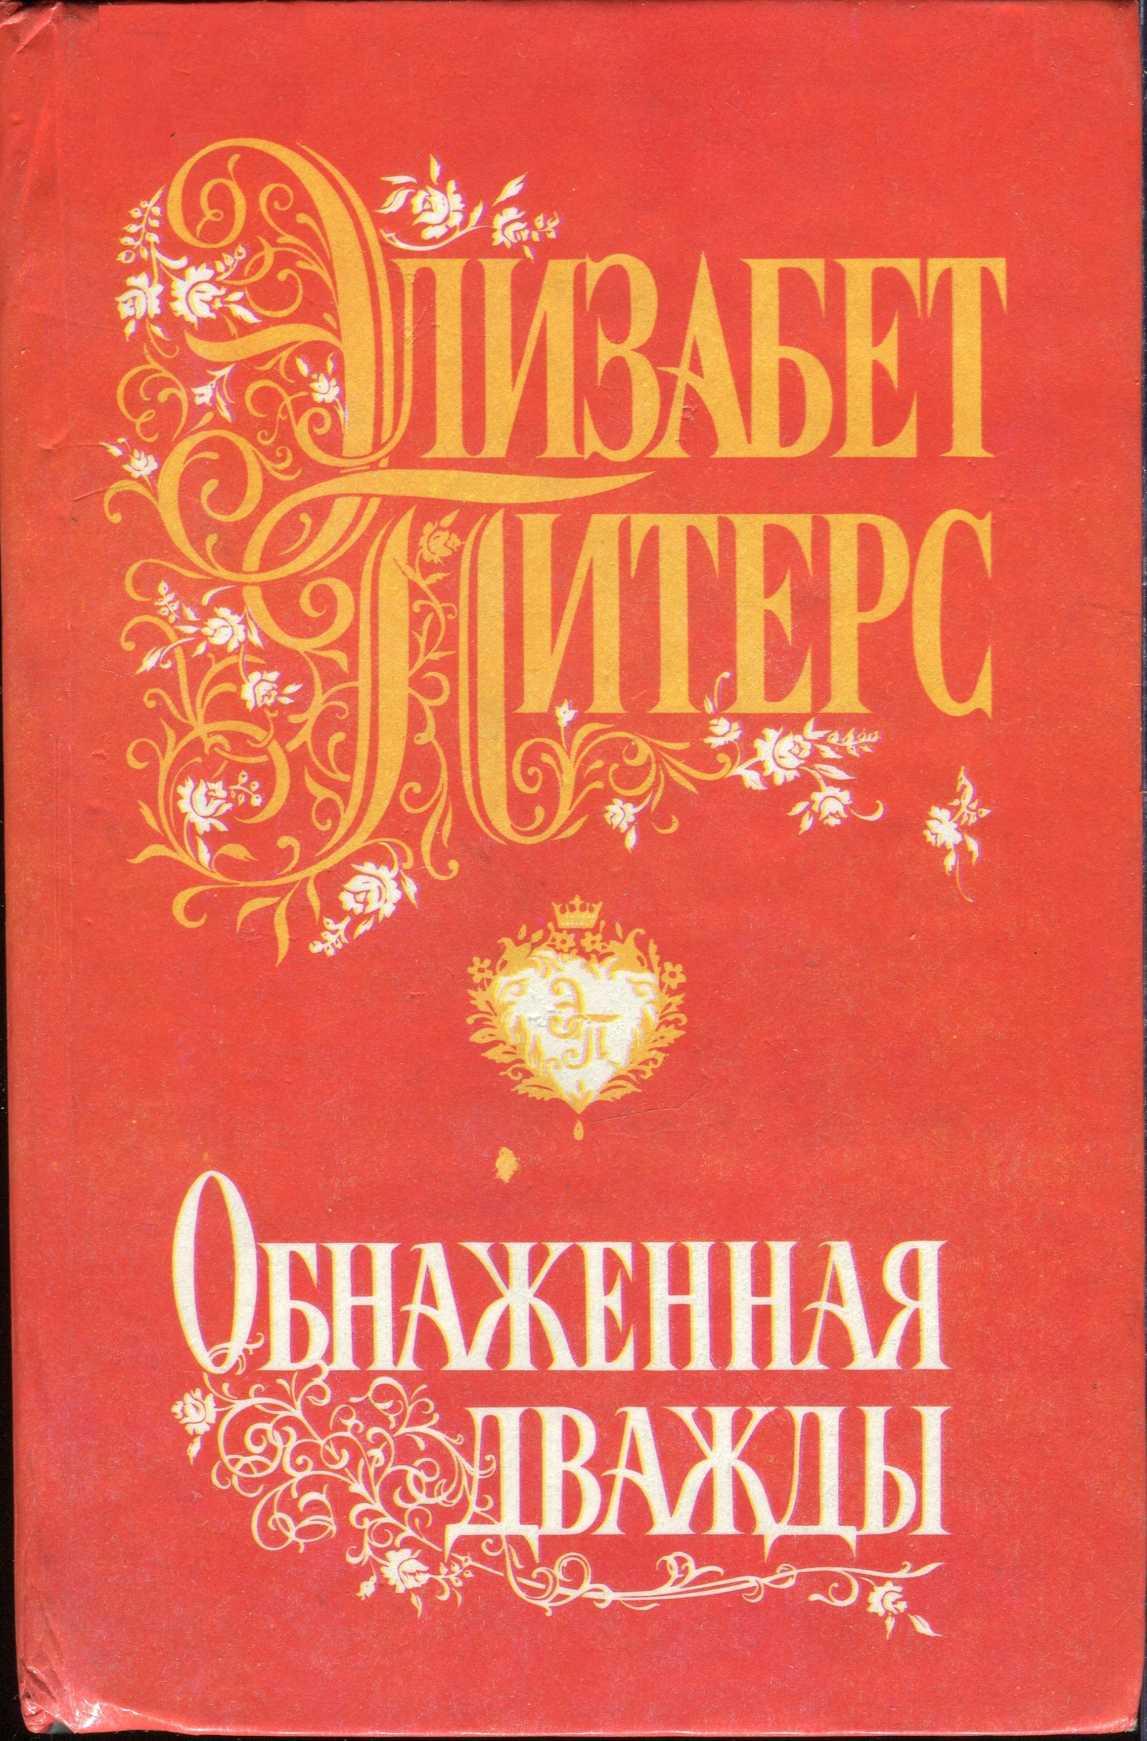 элизабет питерс все книги скачать бесплатно fb2